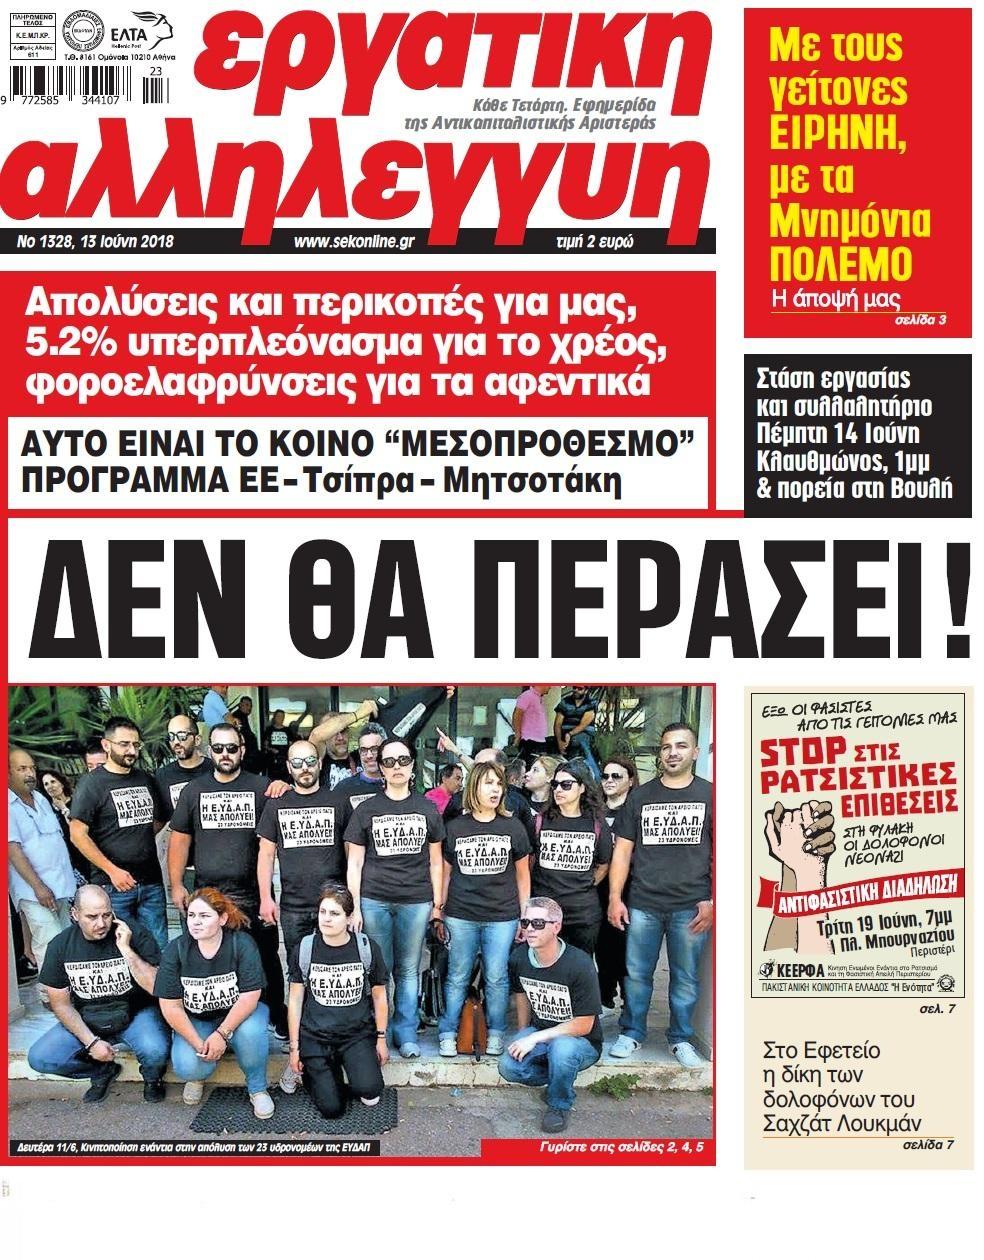 Πρωτοσέλιδο εφημερίδας Εργατική Αλληλεγγύη